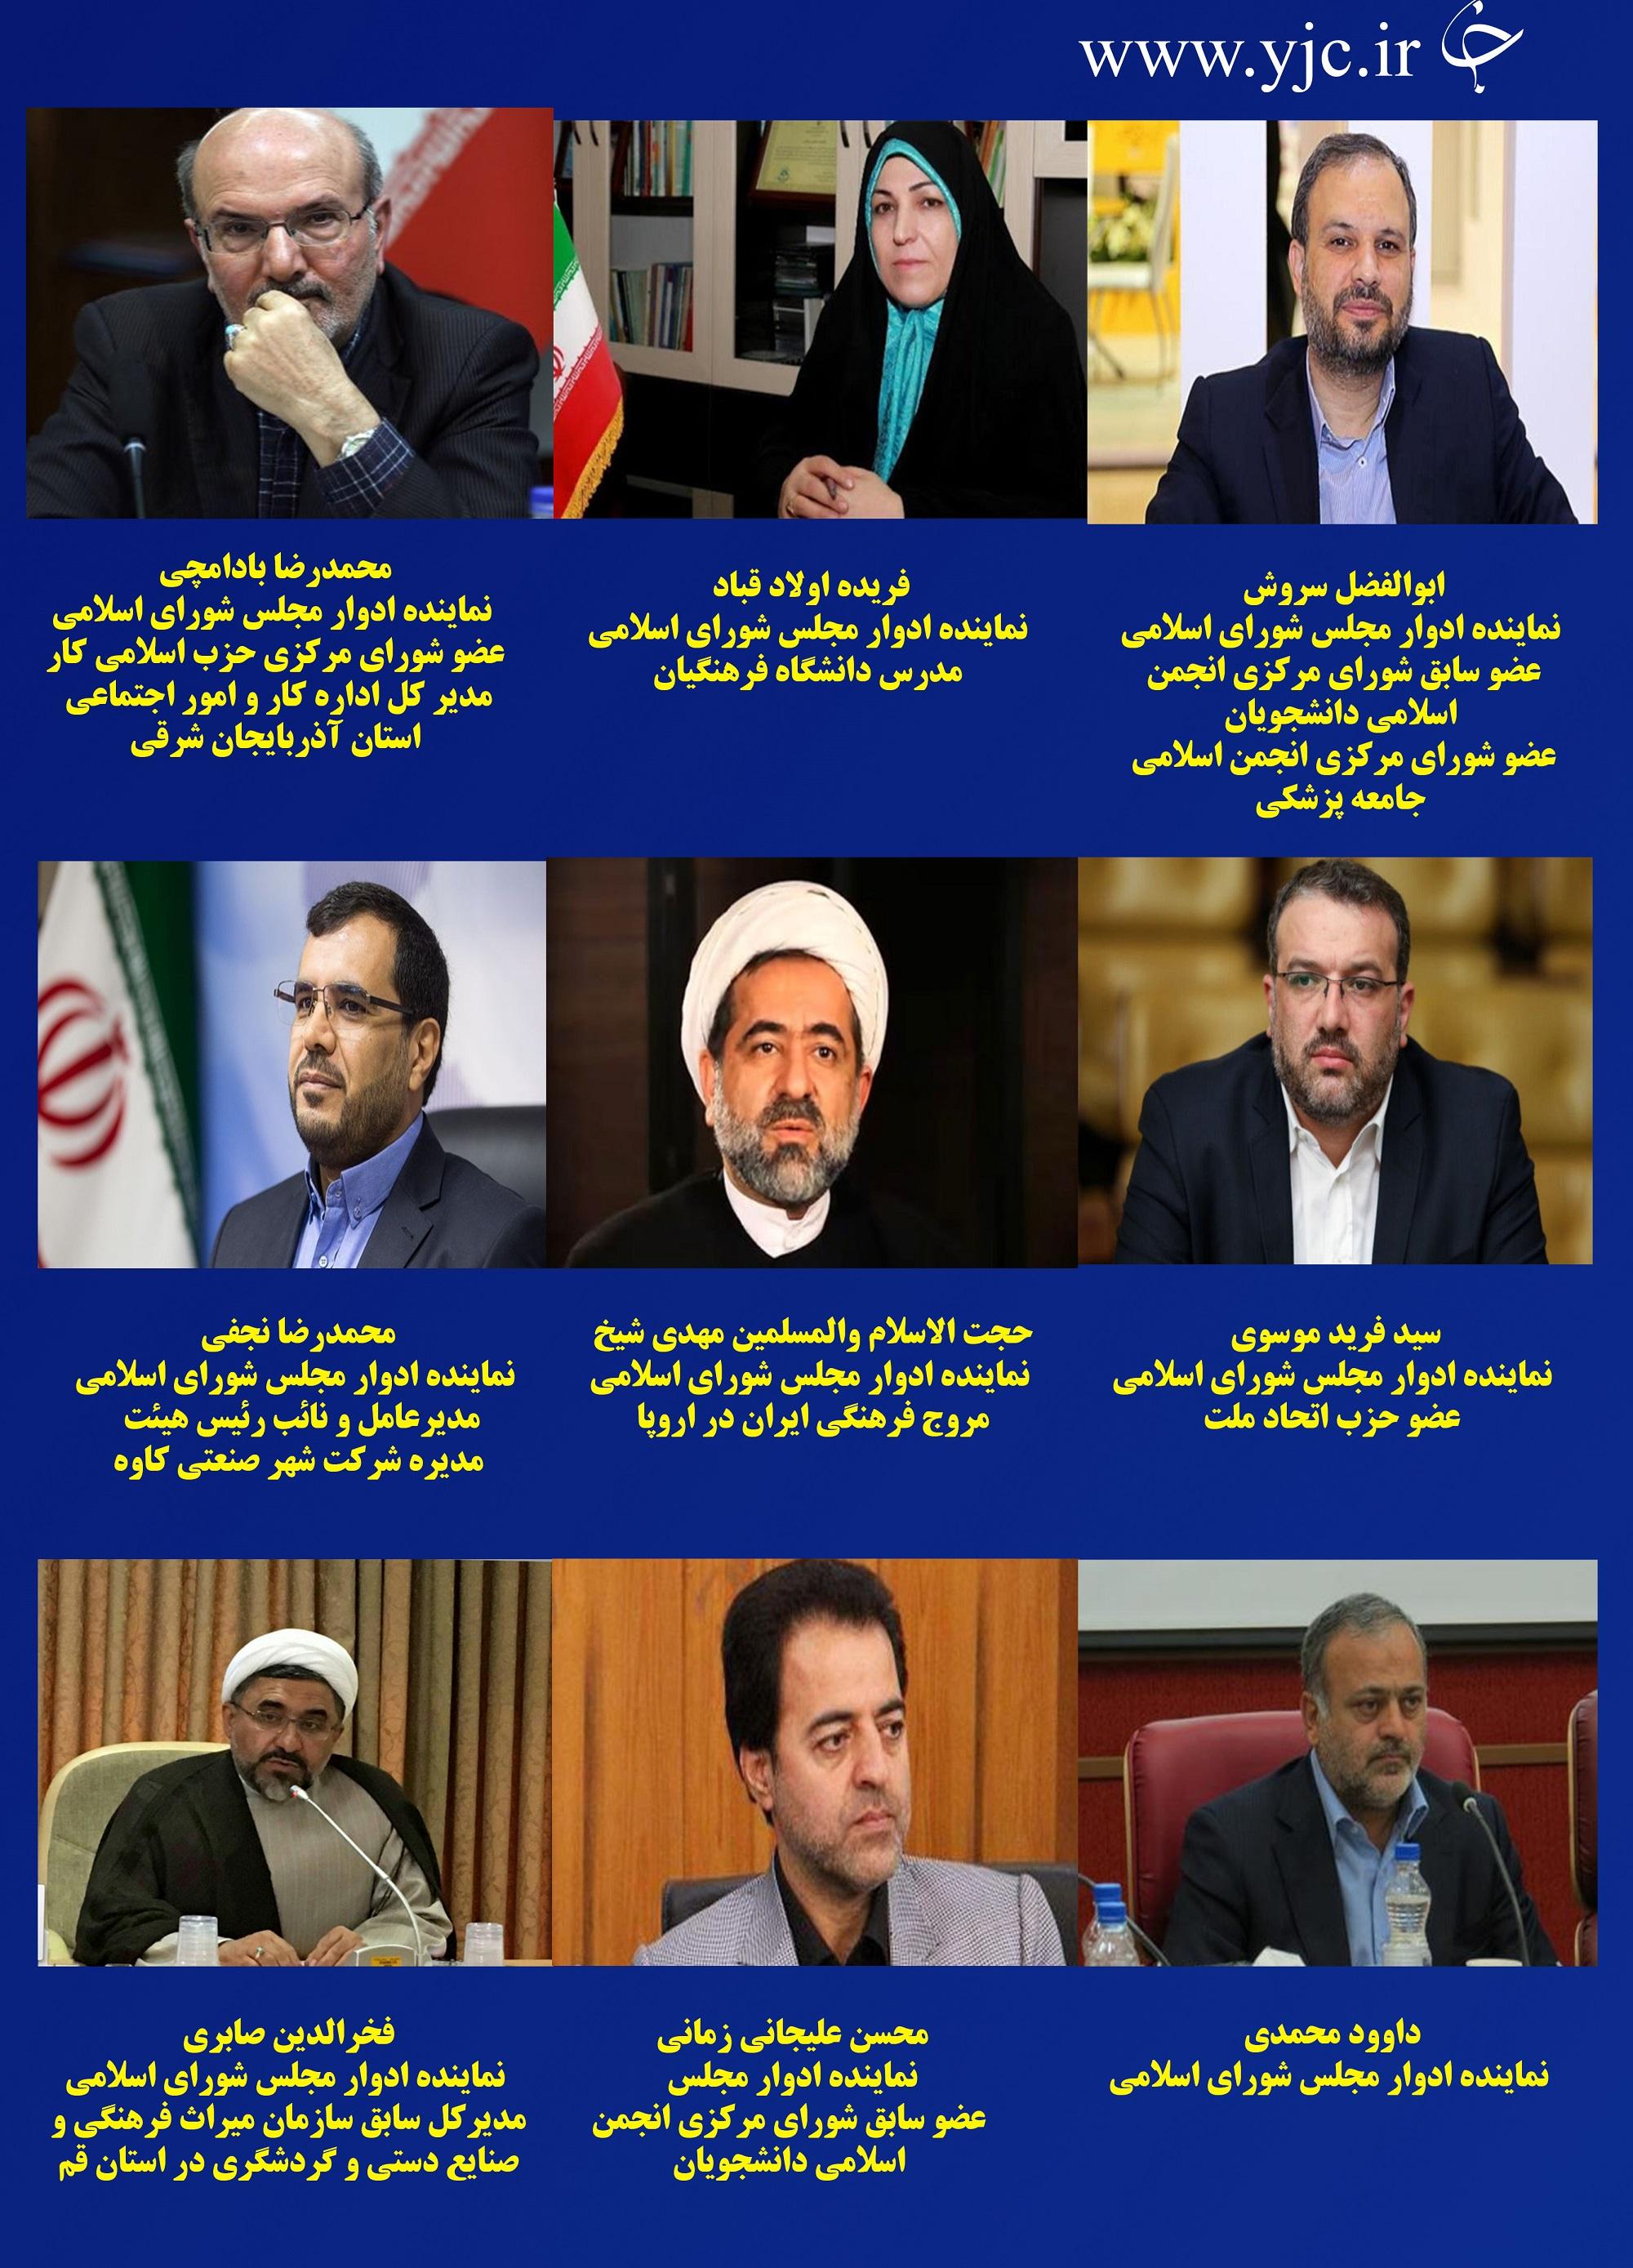 اینفوگرافی افراد شاخص لیست وحدت اصولگرایان و اصلاحطلبان - 11